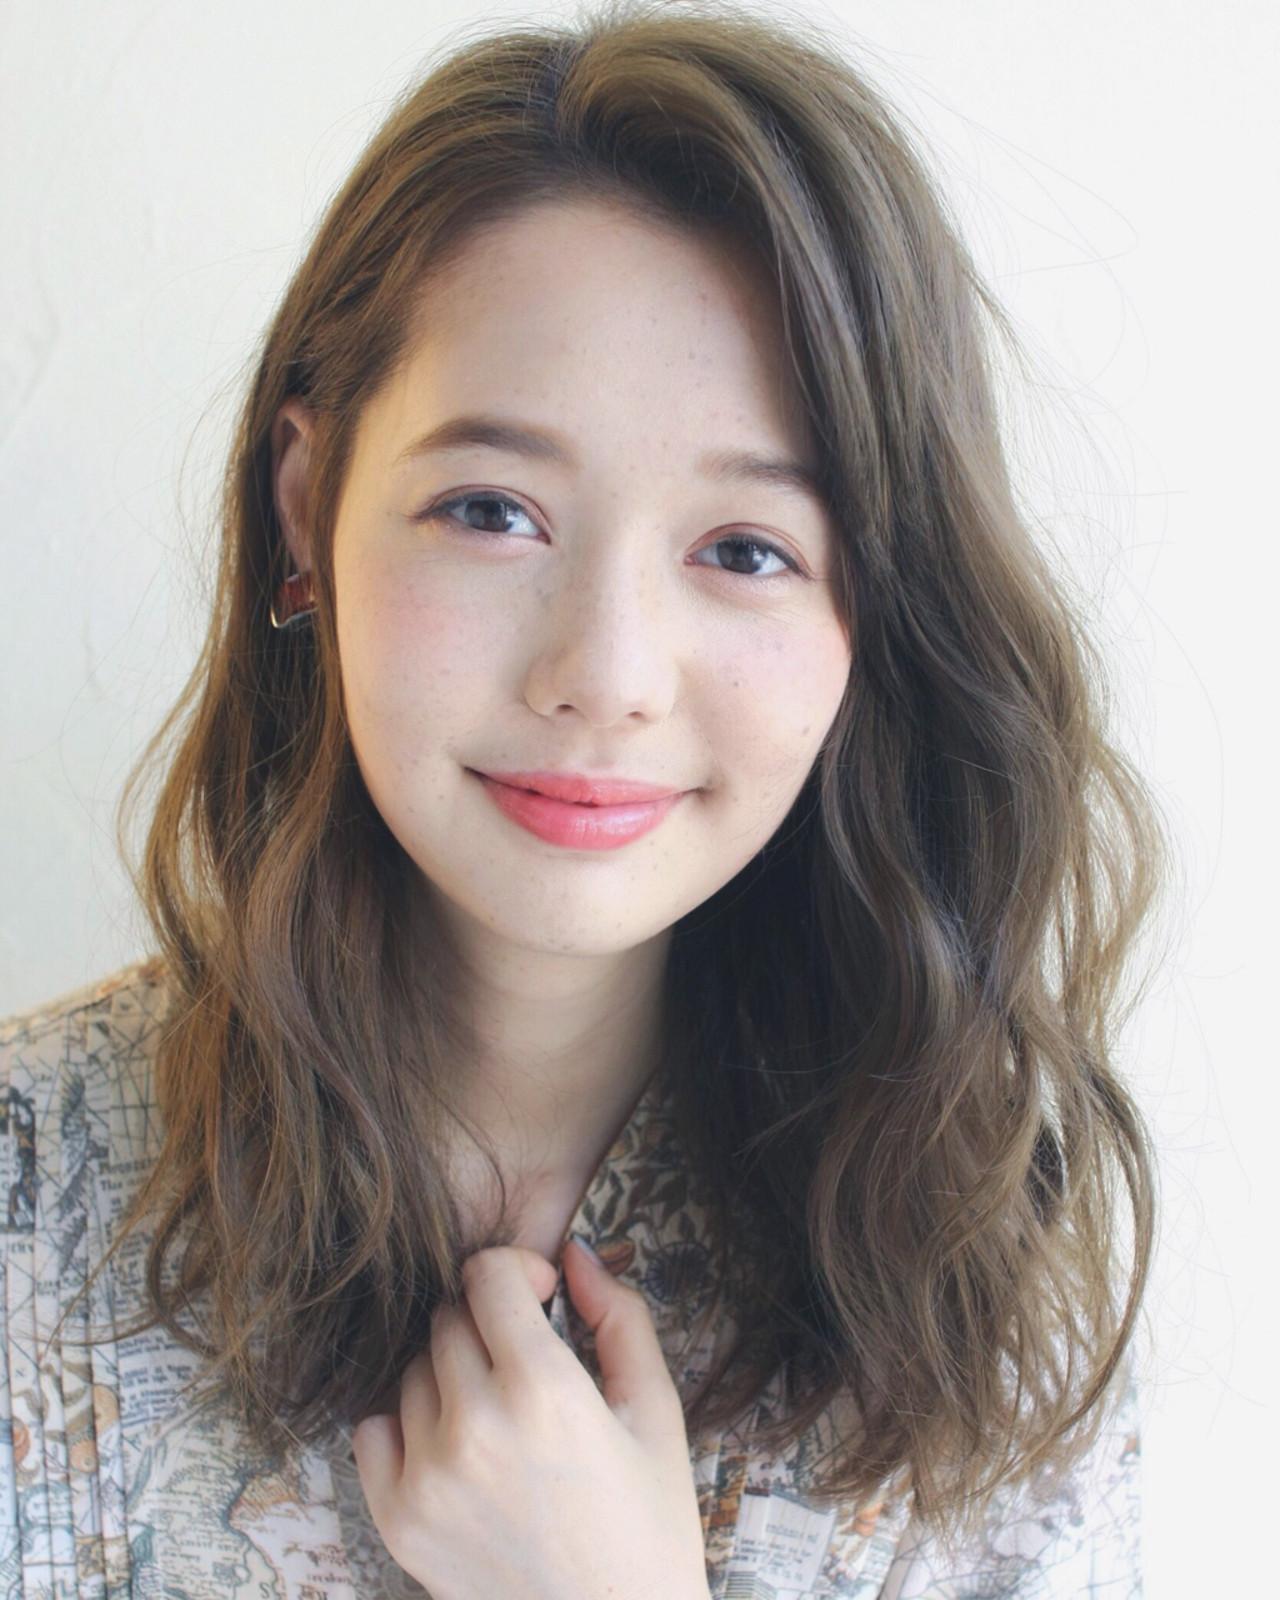 アウトドア ミディアム ナチュラル ゆるふわ ヘアスタイルや髪型の写真・画像   Mirai / enntaku